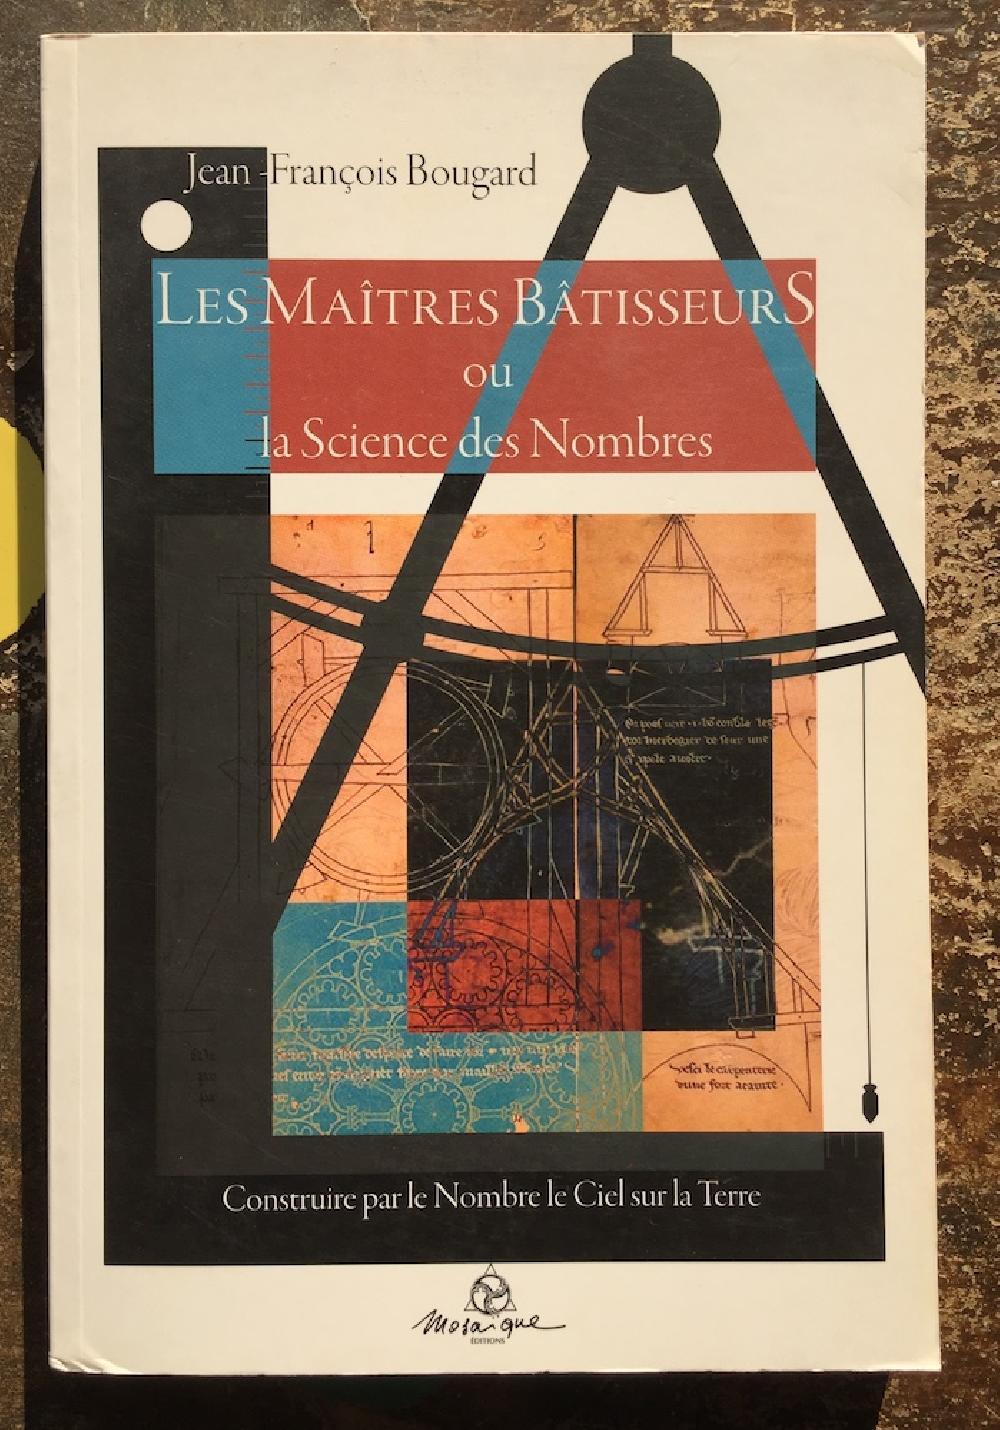 Les Maîtres Bâtisseurs ou la Science des Nombres